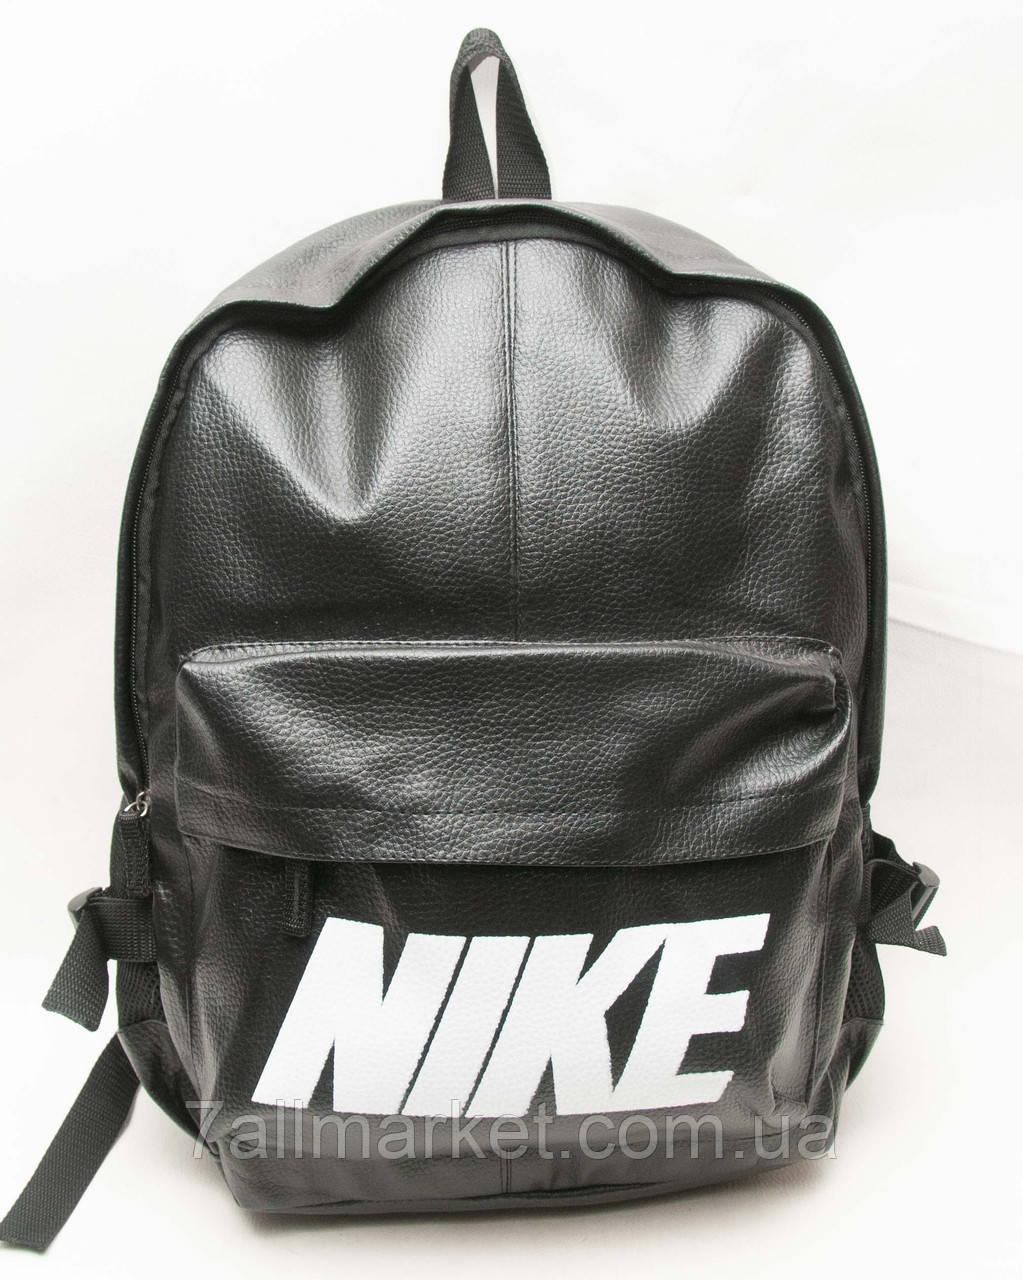 c41a4d41a3b9 Рюкзак женский модный Nike кожзам, р.42*29 см Серии